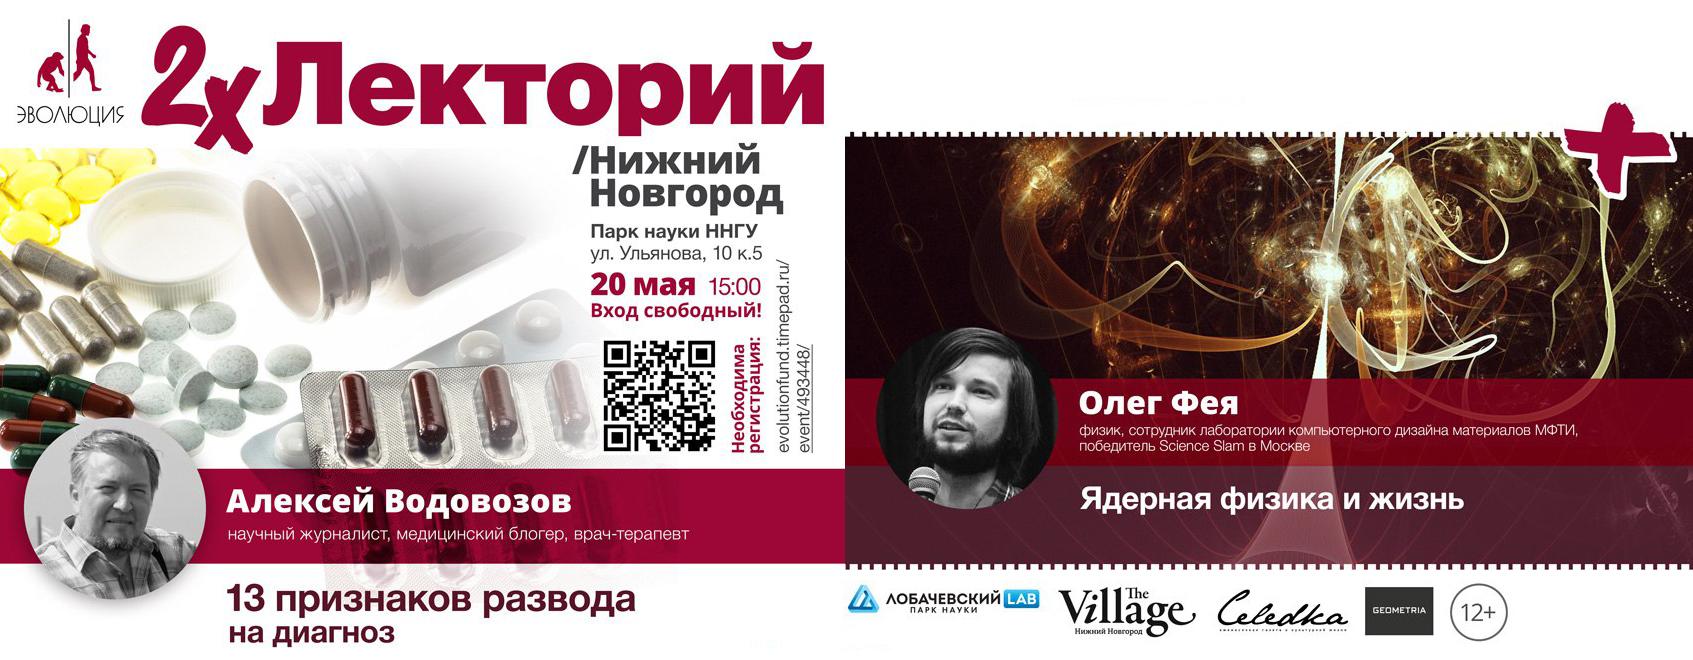 Двойной лекторий вНижнем Новгороде.